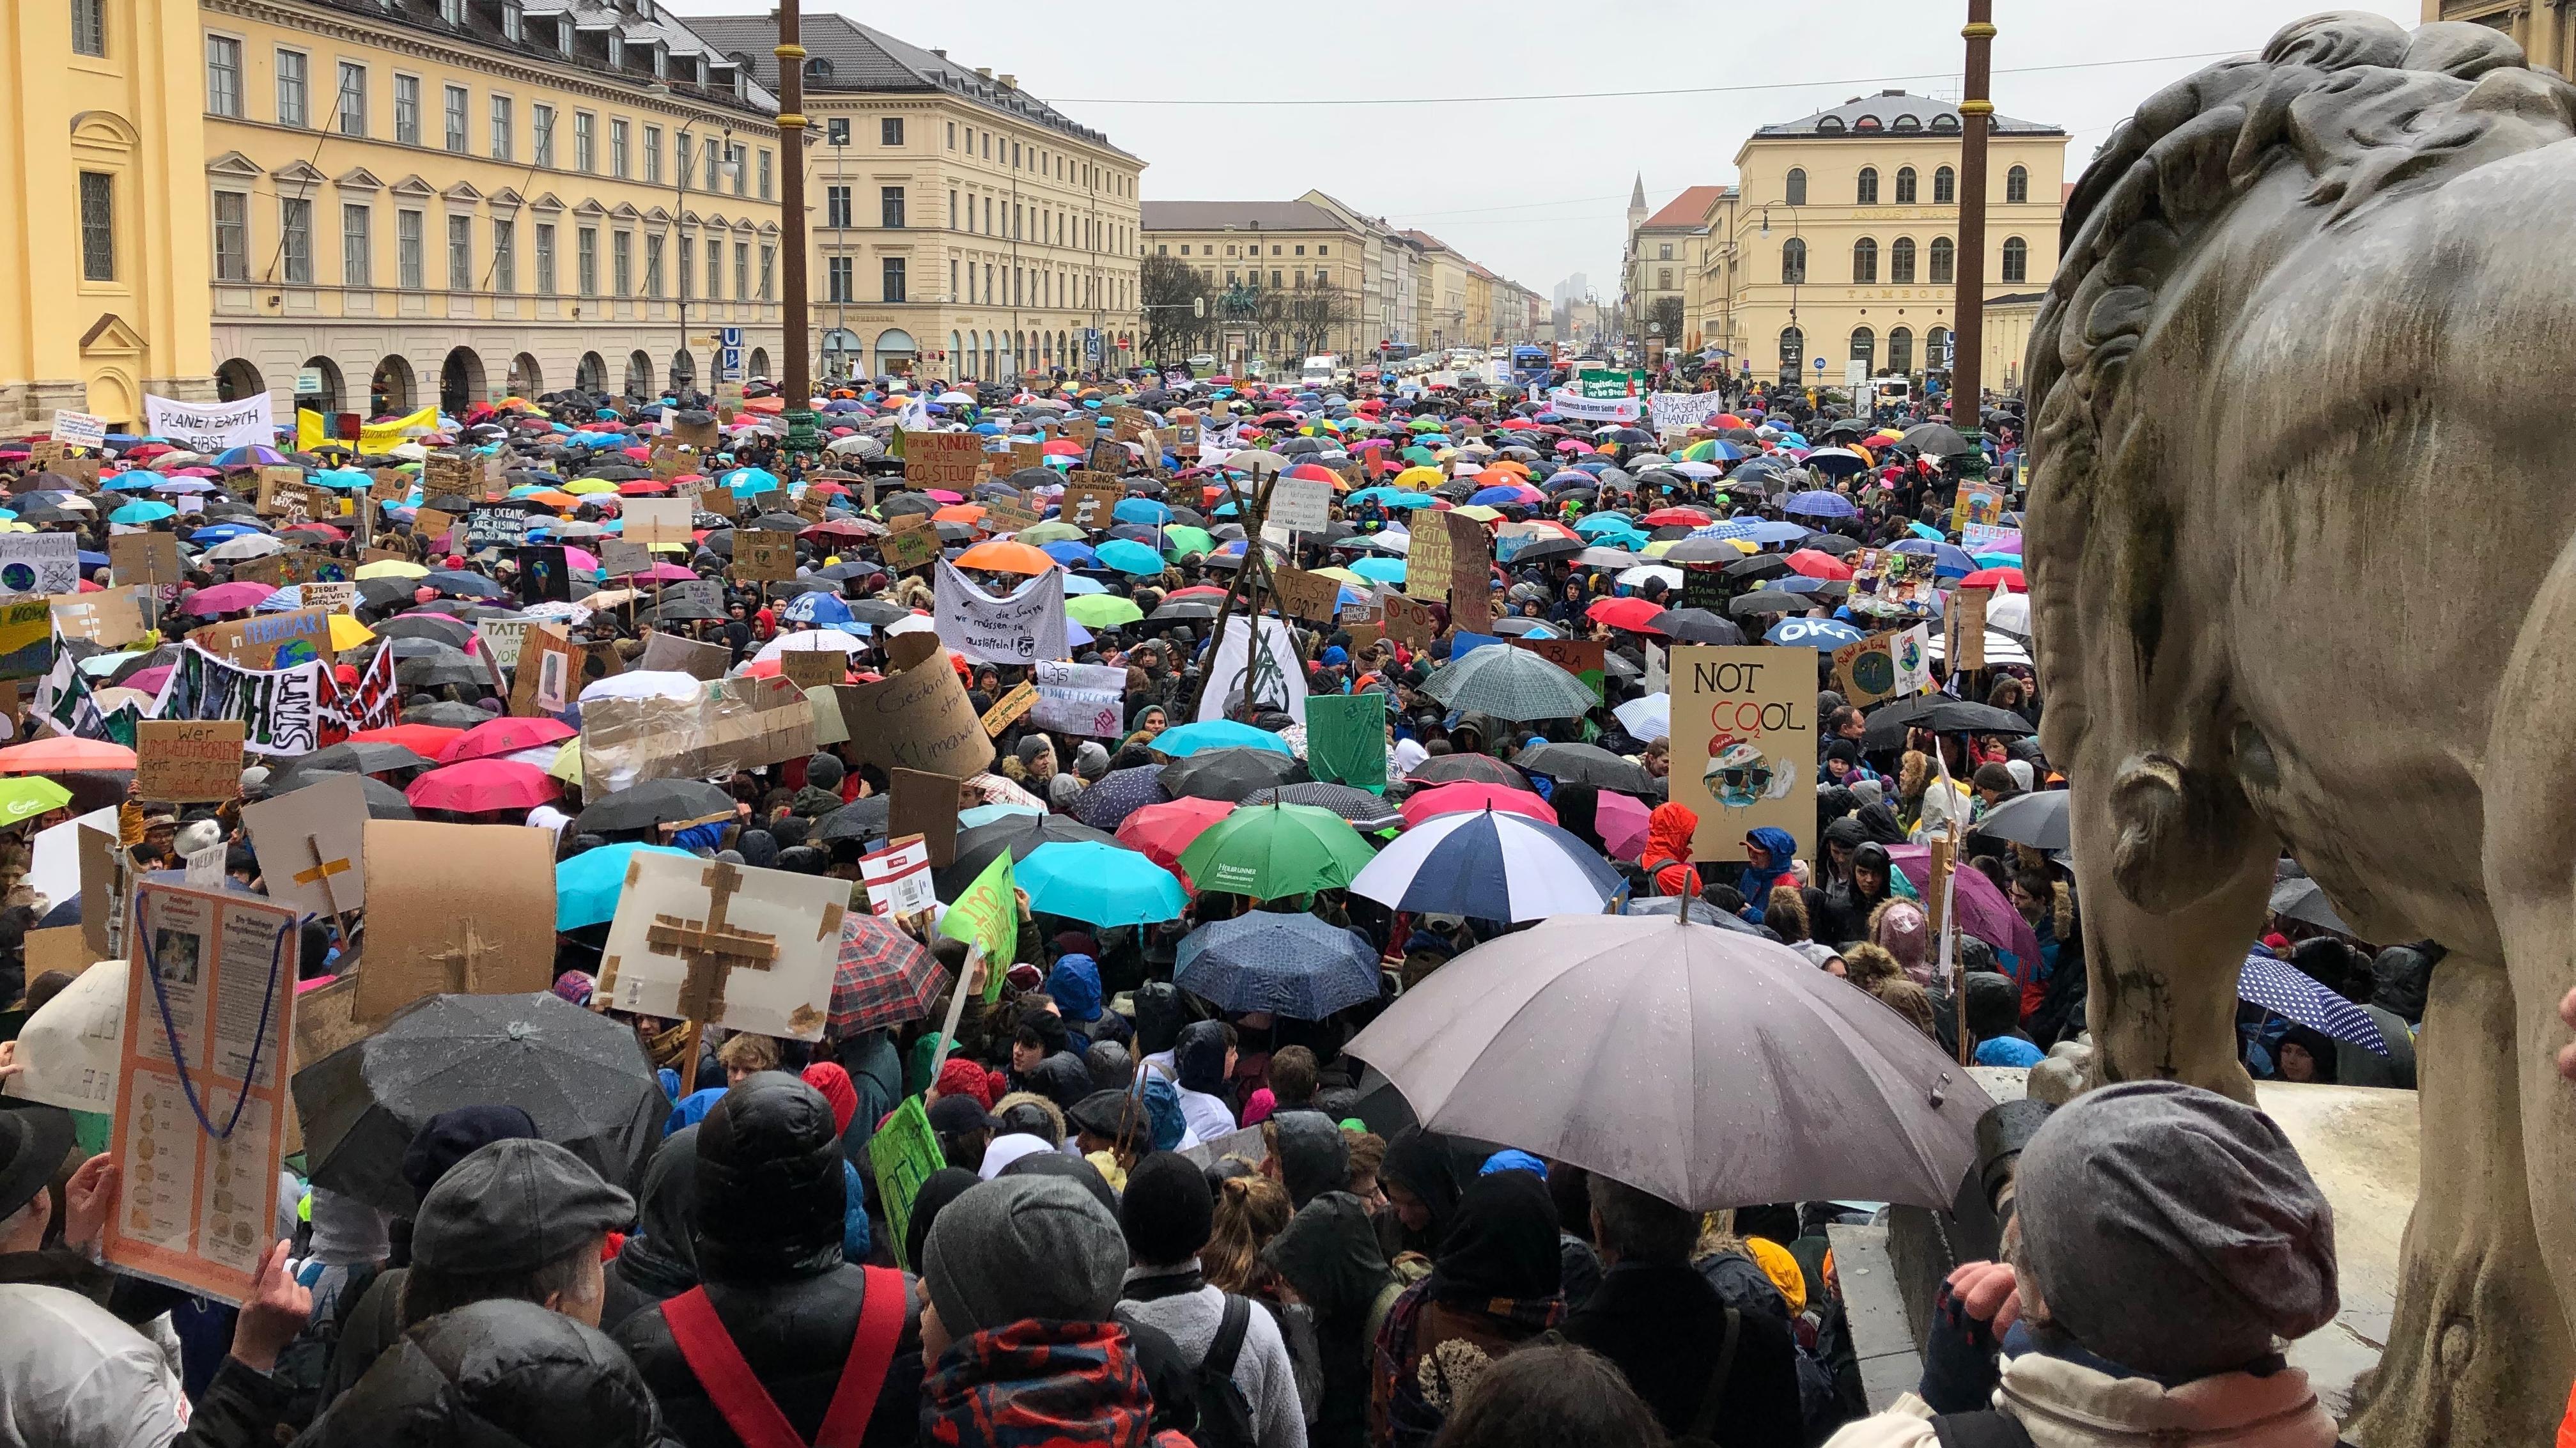 Auch in Bayern findet die Bewegung viel Zuspruch. Die größte Kundgebung findet in München statt ...